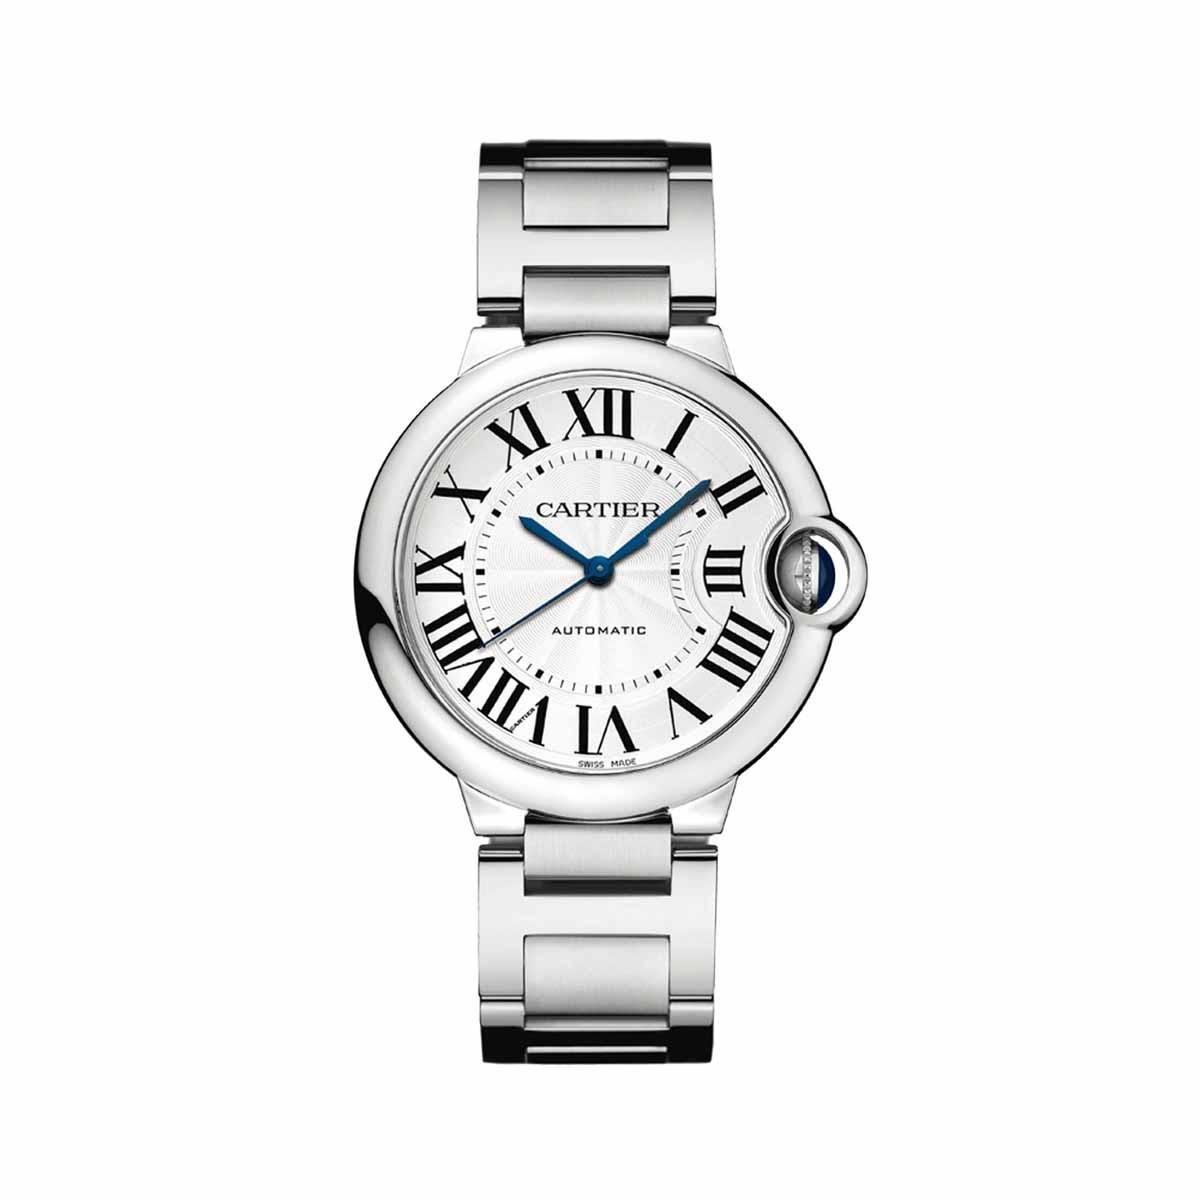 Cartier Ballon Bleu Automatic 36mm Watch